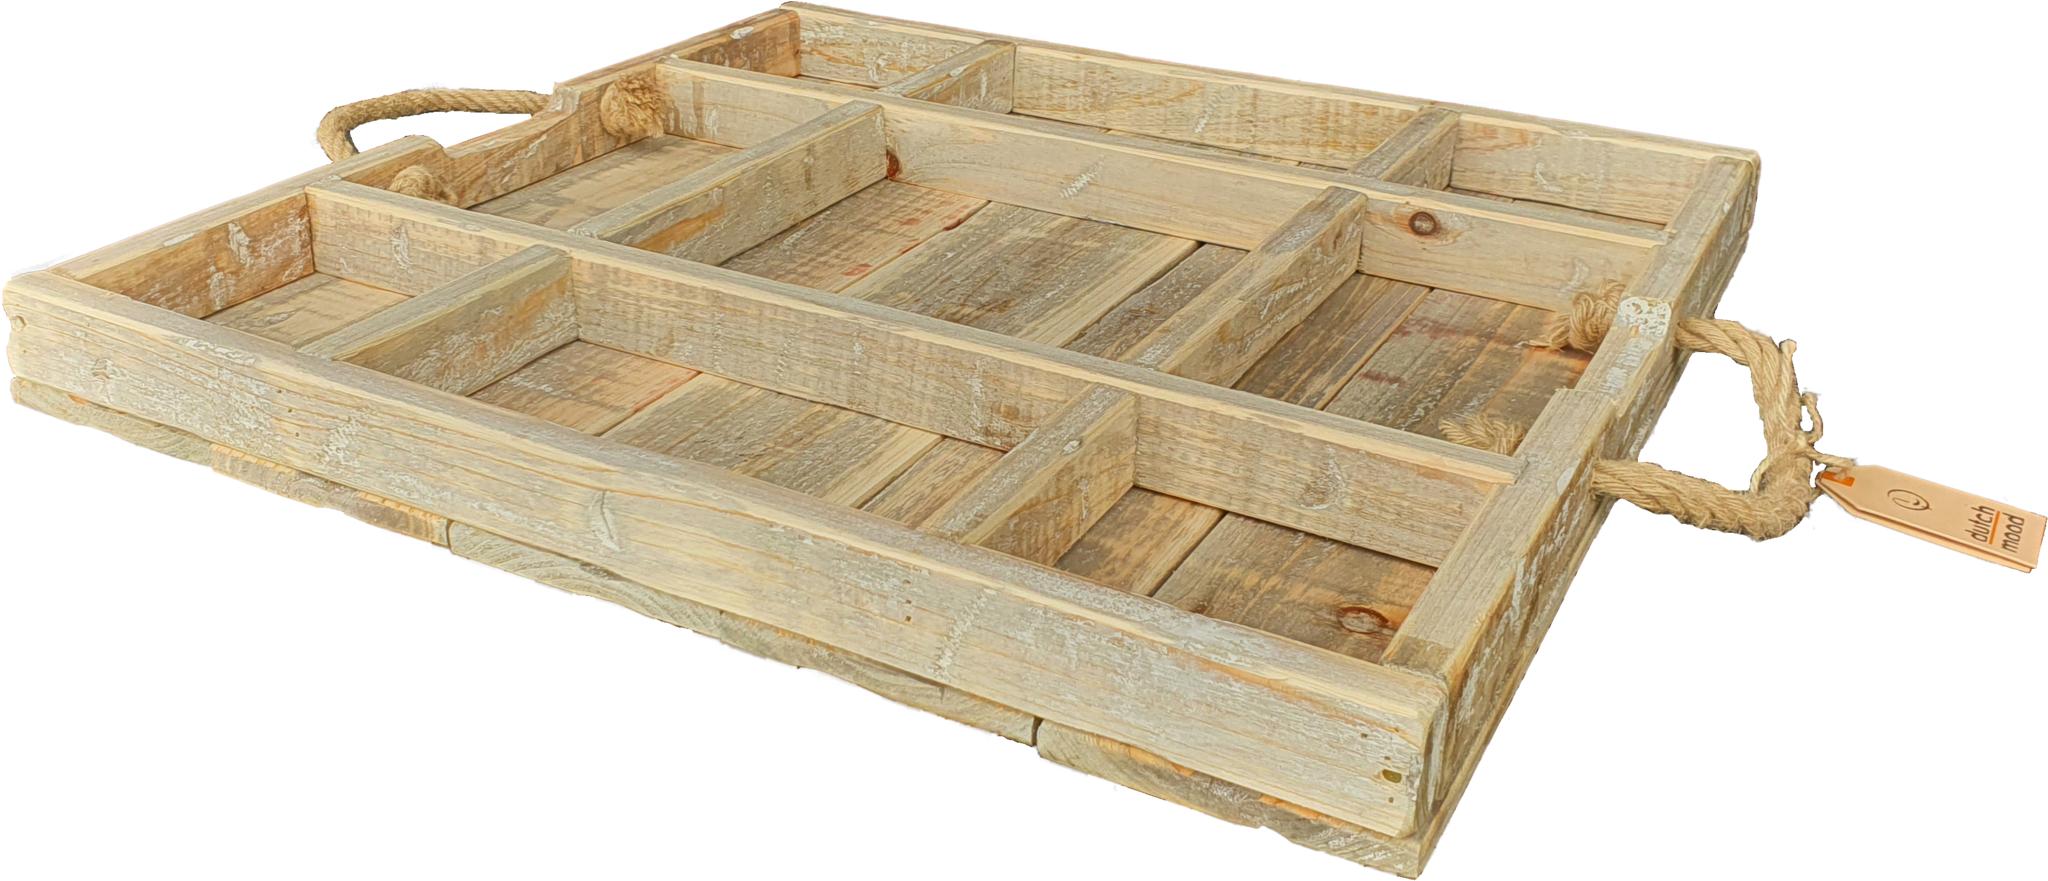 tray old dutch susan 55-2